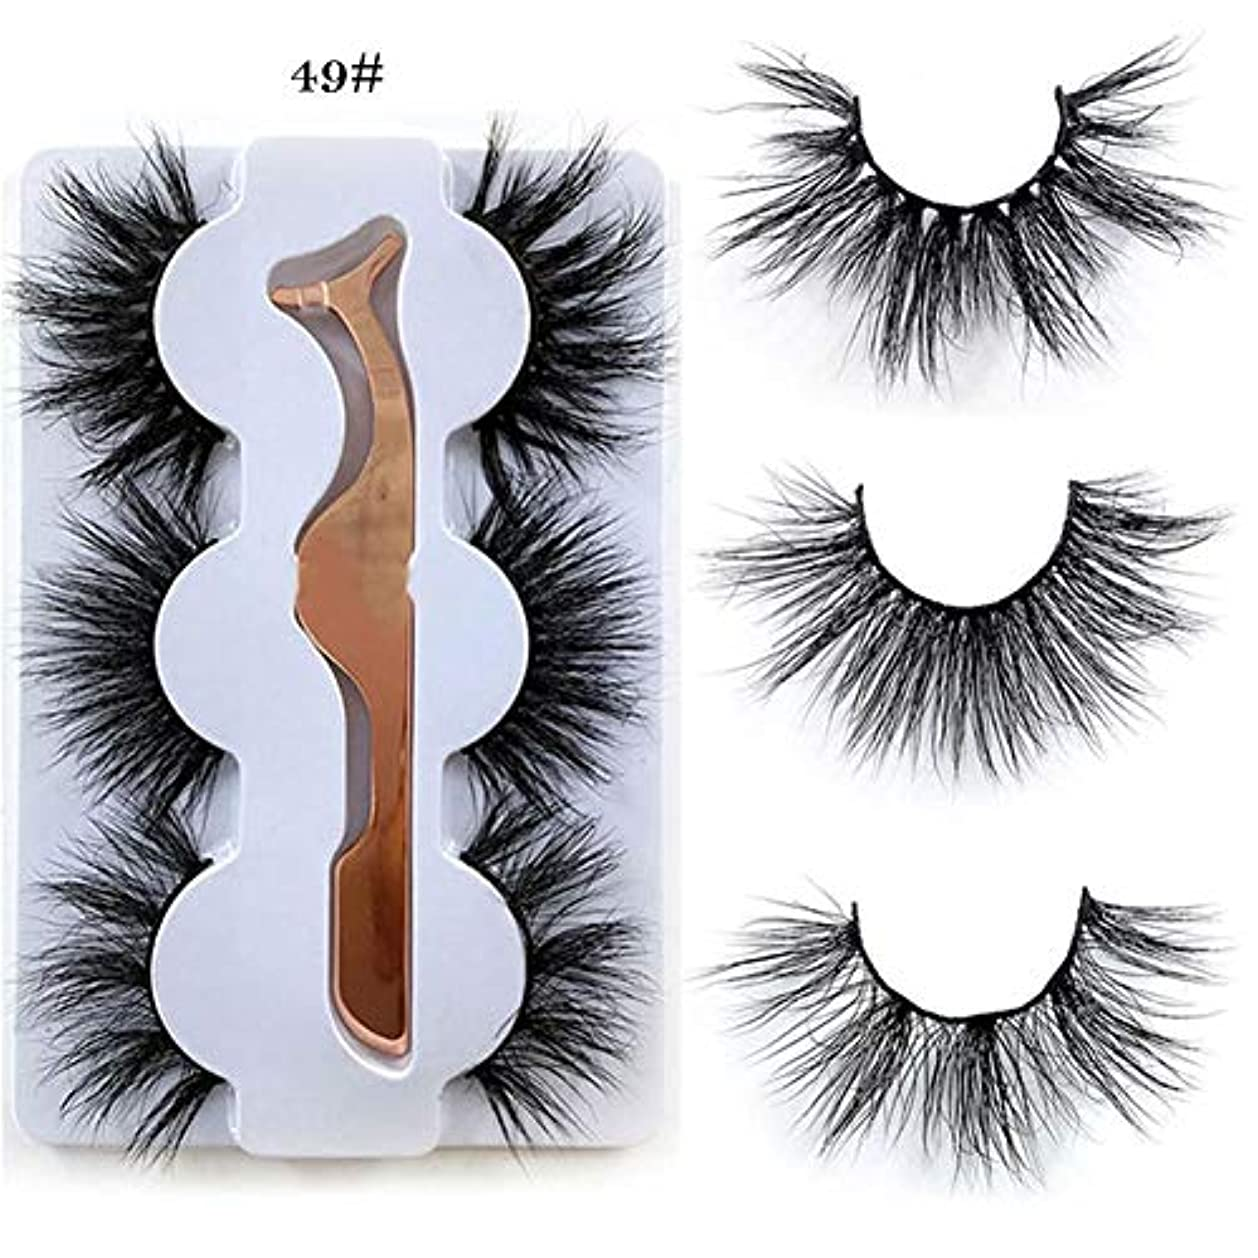 侵入する意志とは異なりViugreum つけまつげ 6Dミンクつけまつ毛 3ペア 自然 濃密 メイクアップ ナチュラル 長持ち 100%手作り 繊細 柔らかい まつげ 超軽量毛 上品